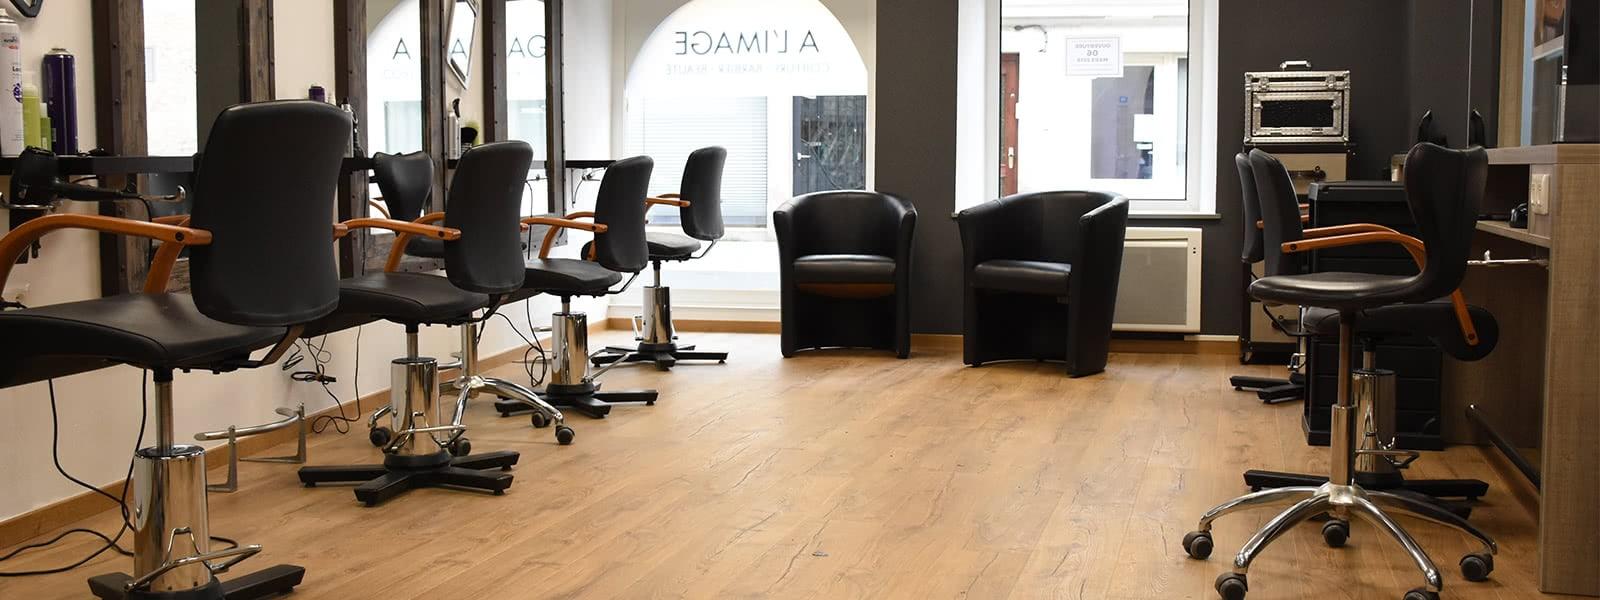 Intérieur du salon - Salon de Coiffure à Sarrebourg - Coiffure à l'Image